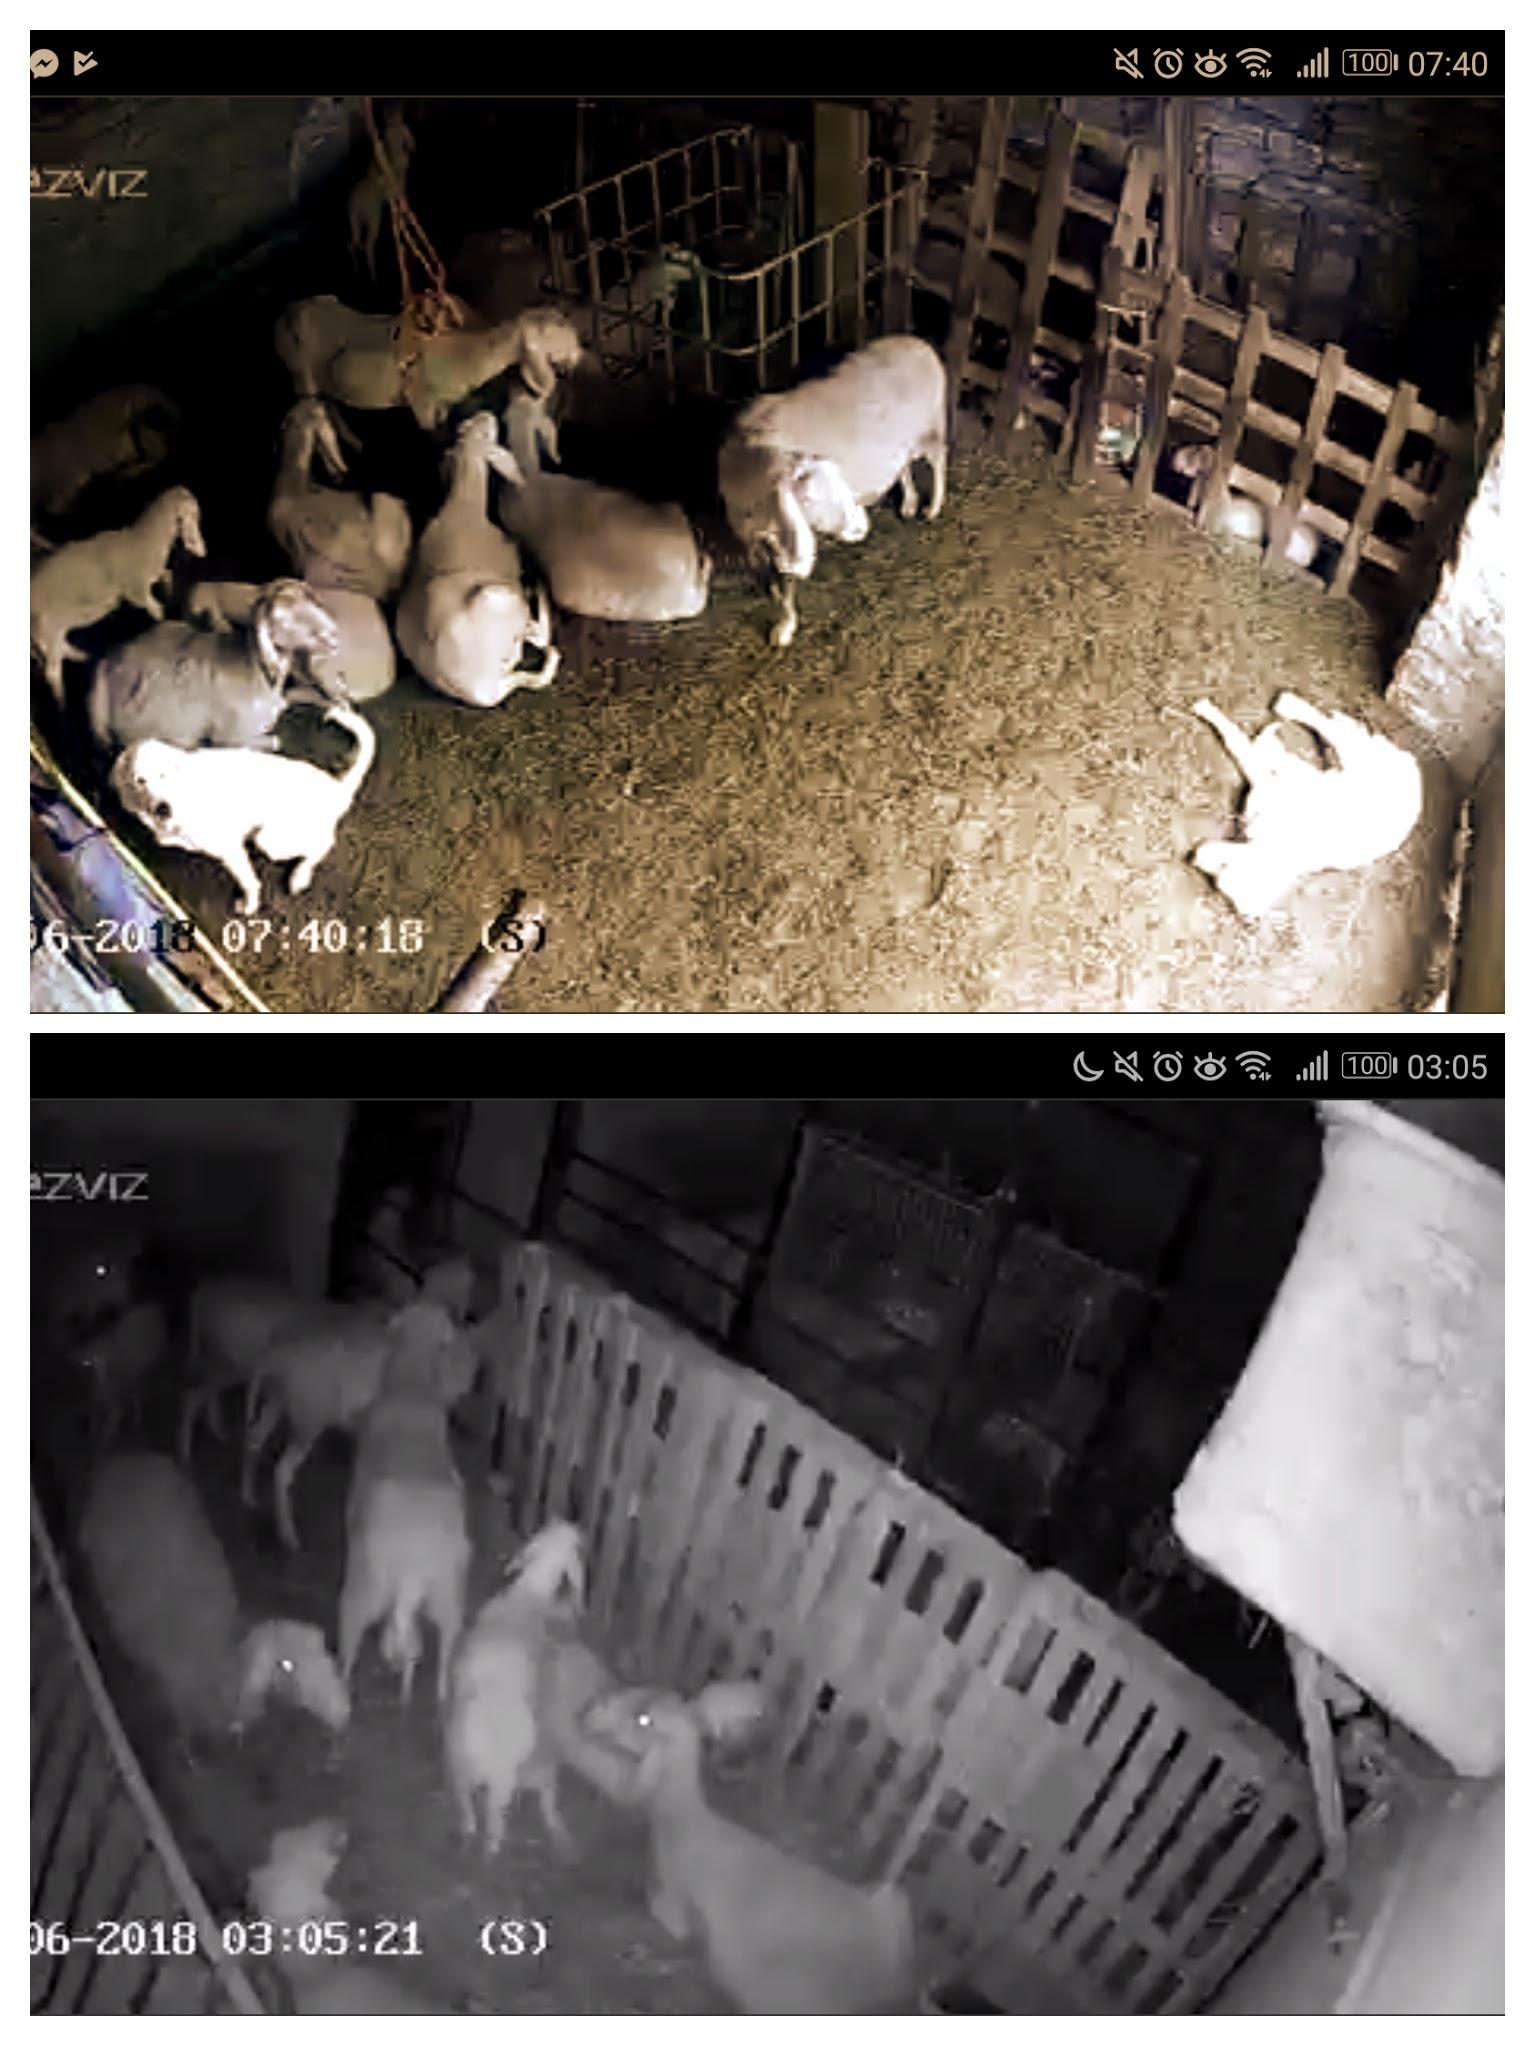 Visione diurna e notturna delle telecamere di sorveglianza in stalla.